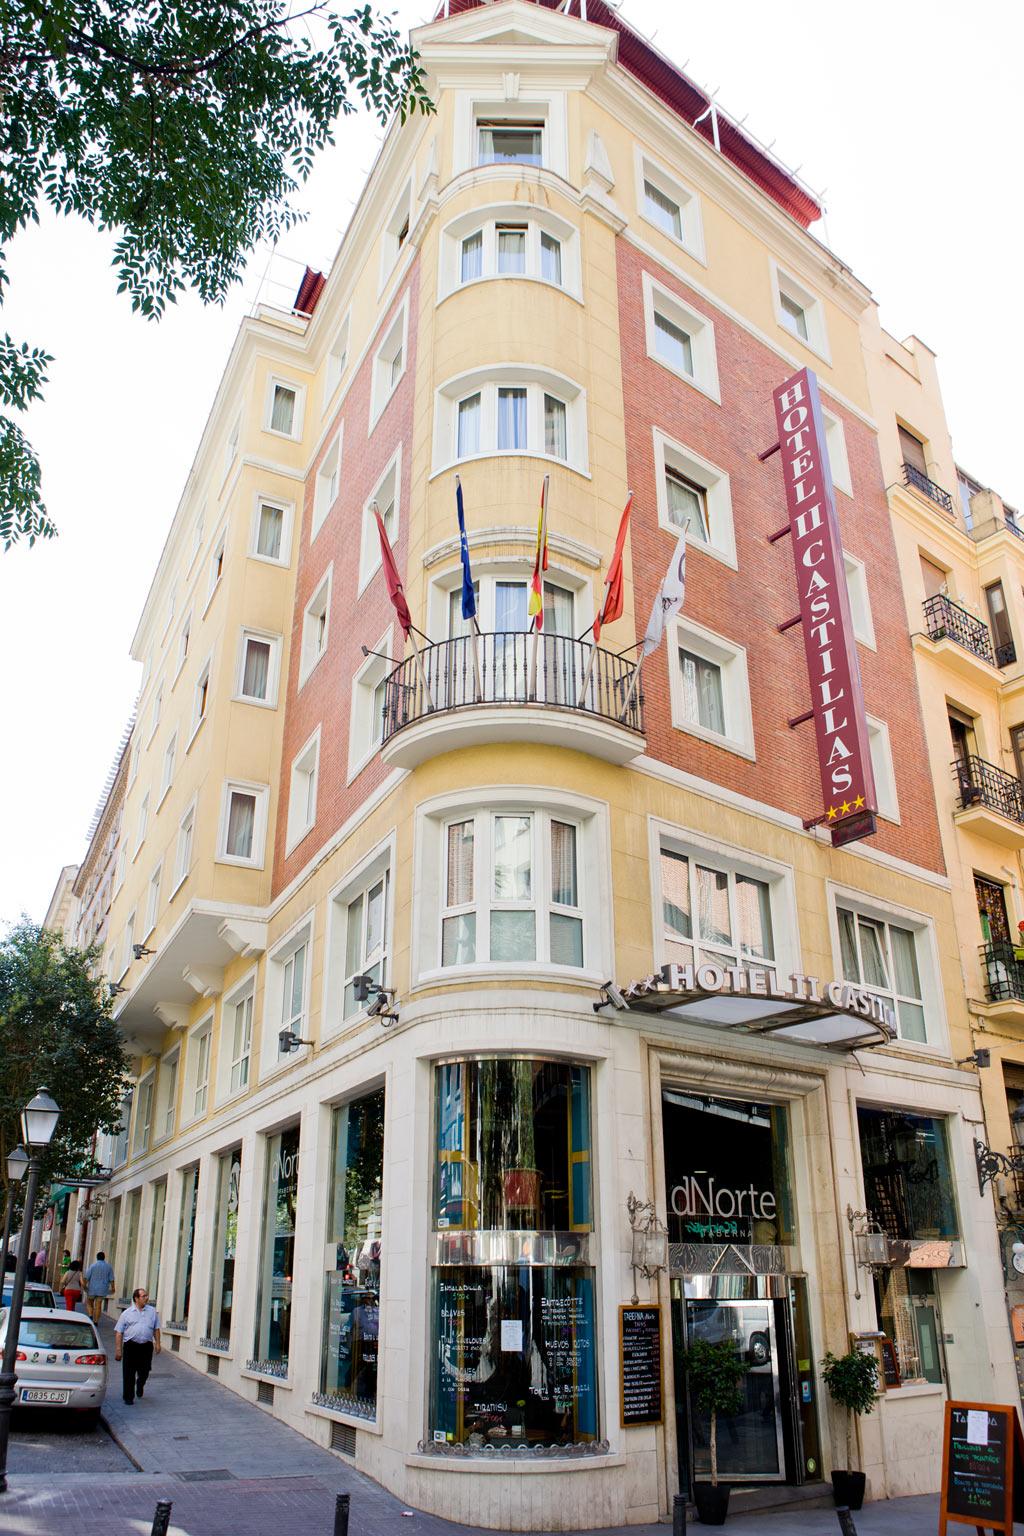 Afbeeldingsresultaat voor hotel il castillas madrid